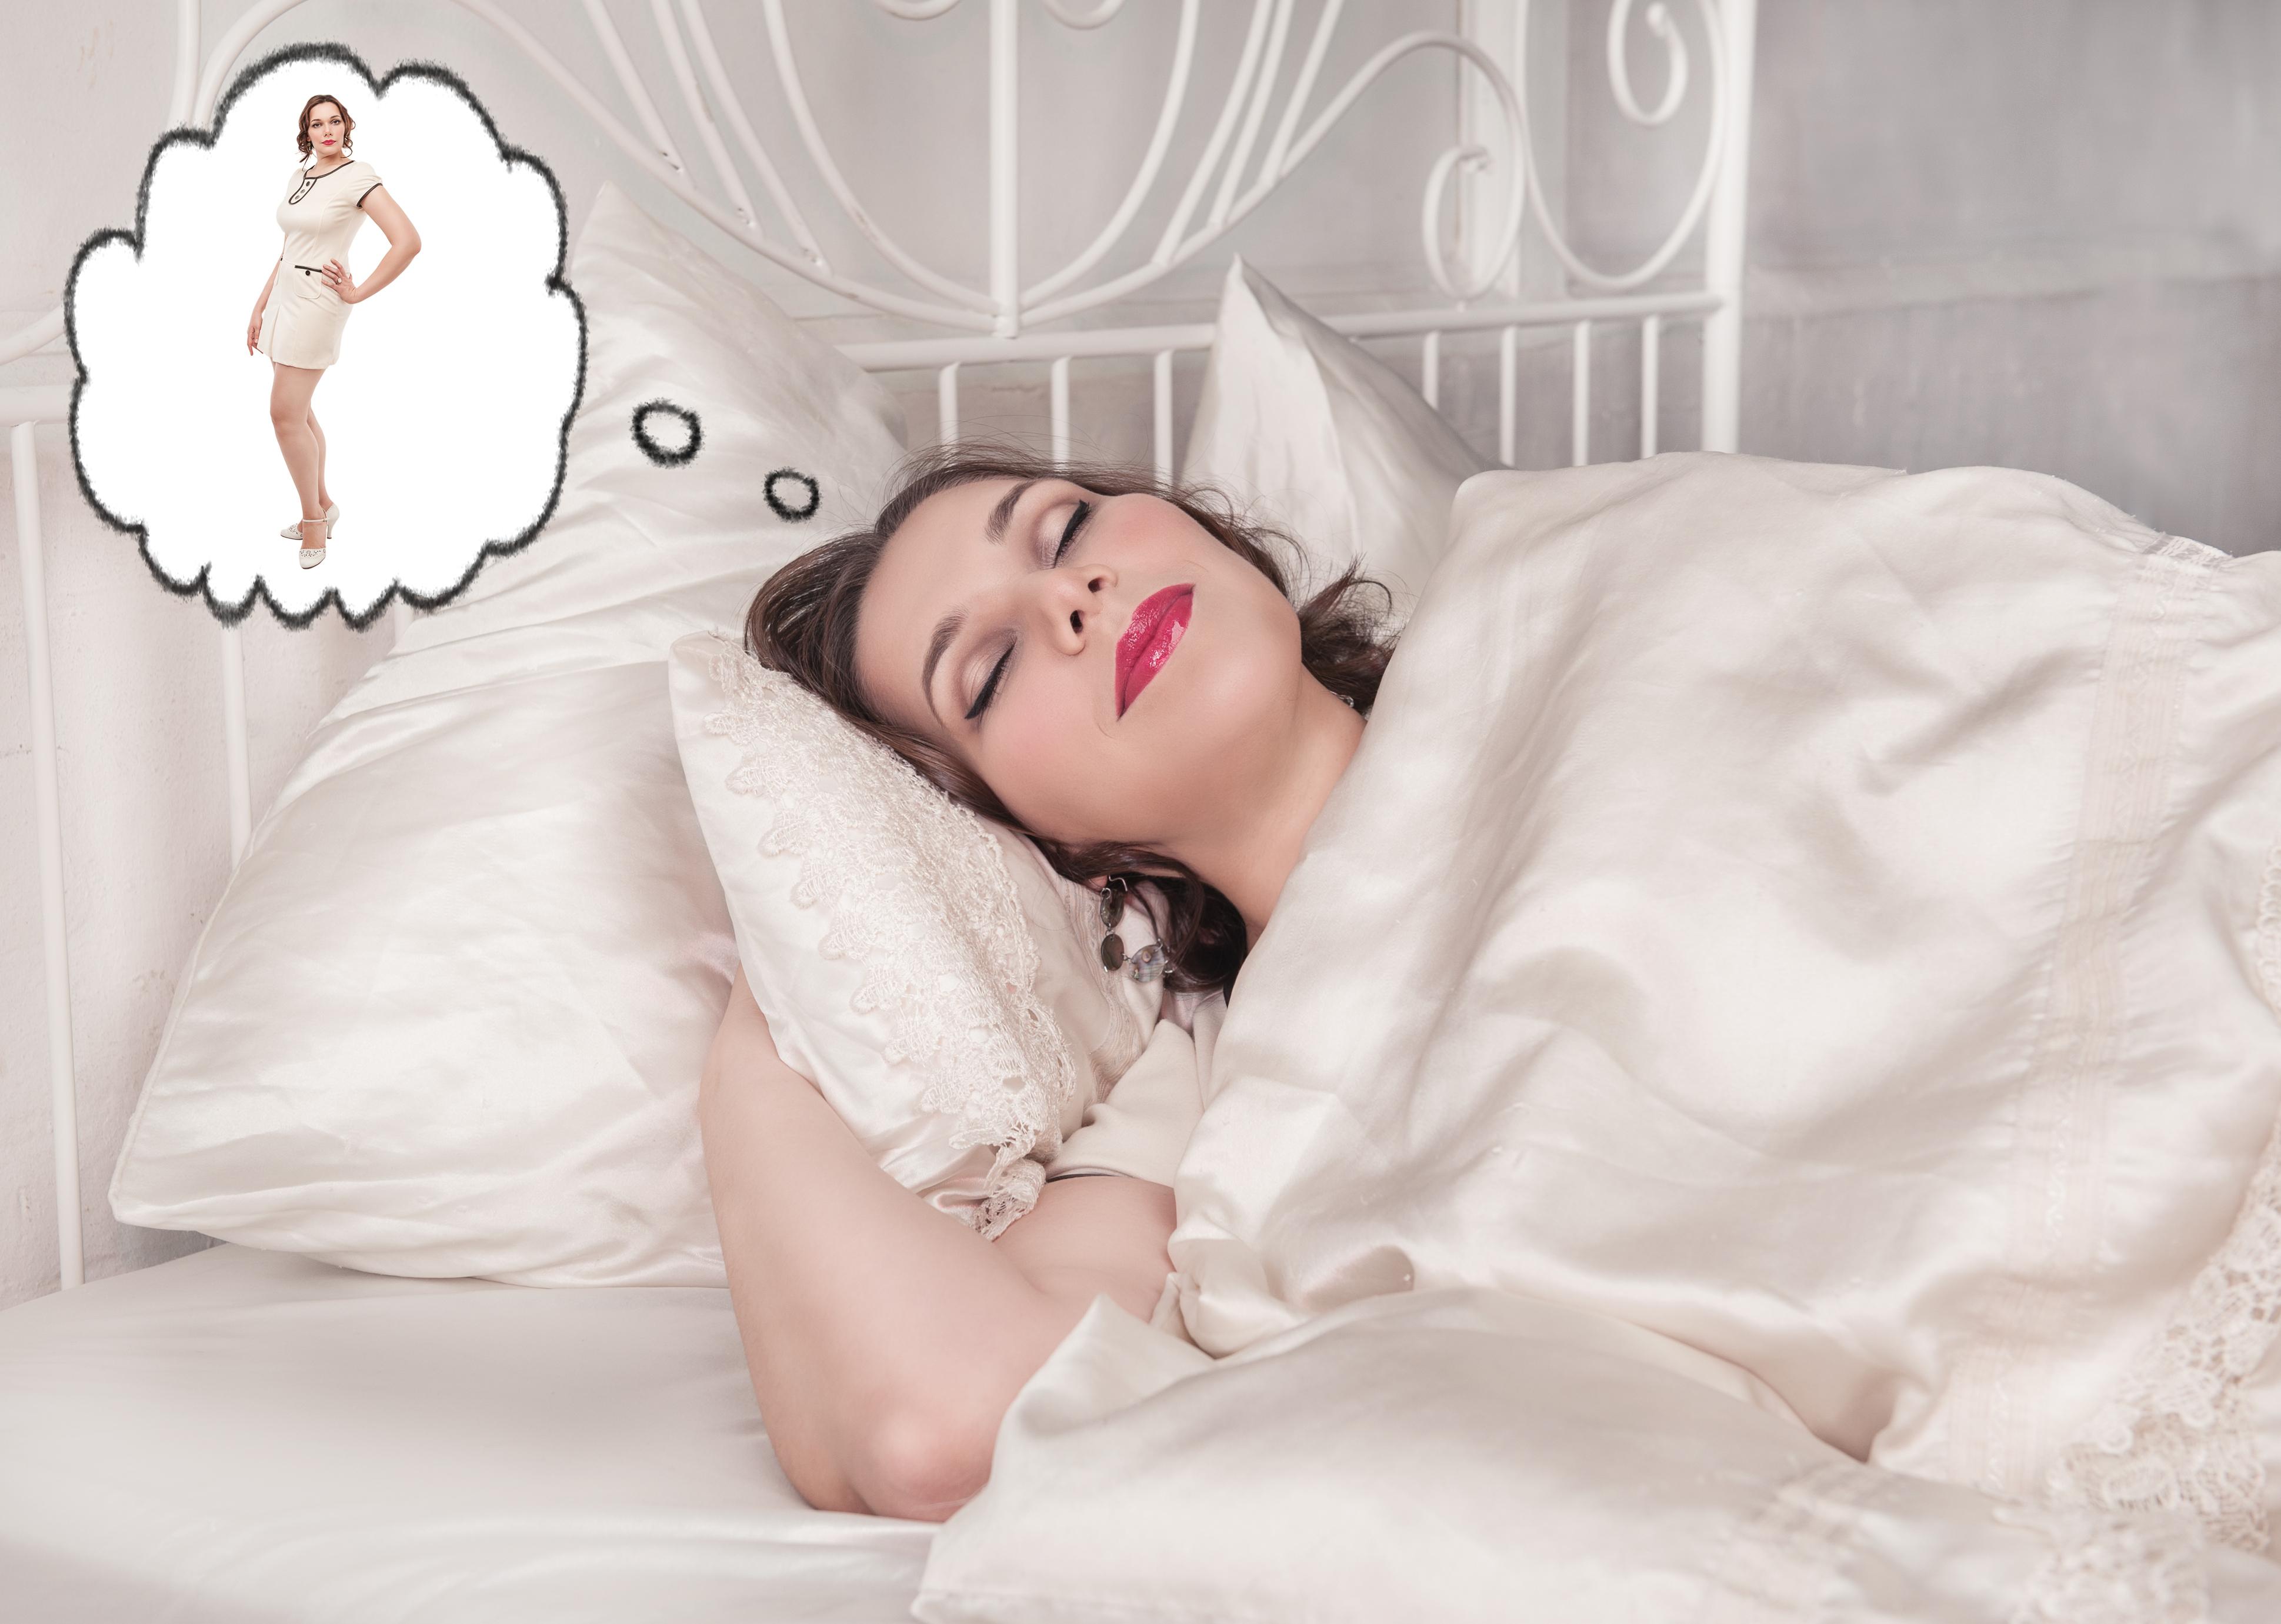 Принципи і пози сну, які допоможуть схуднути